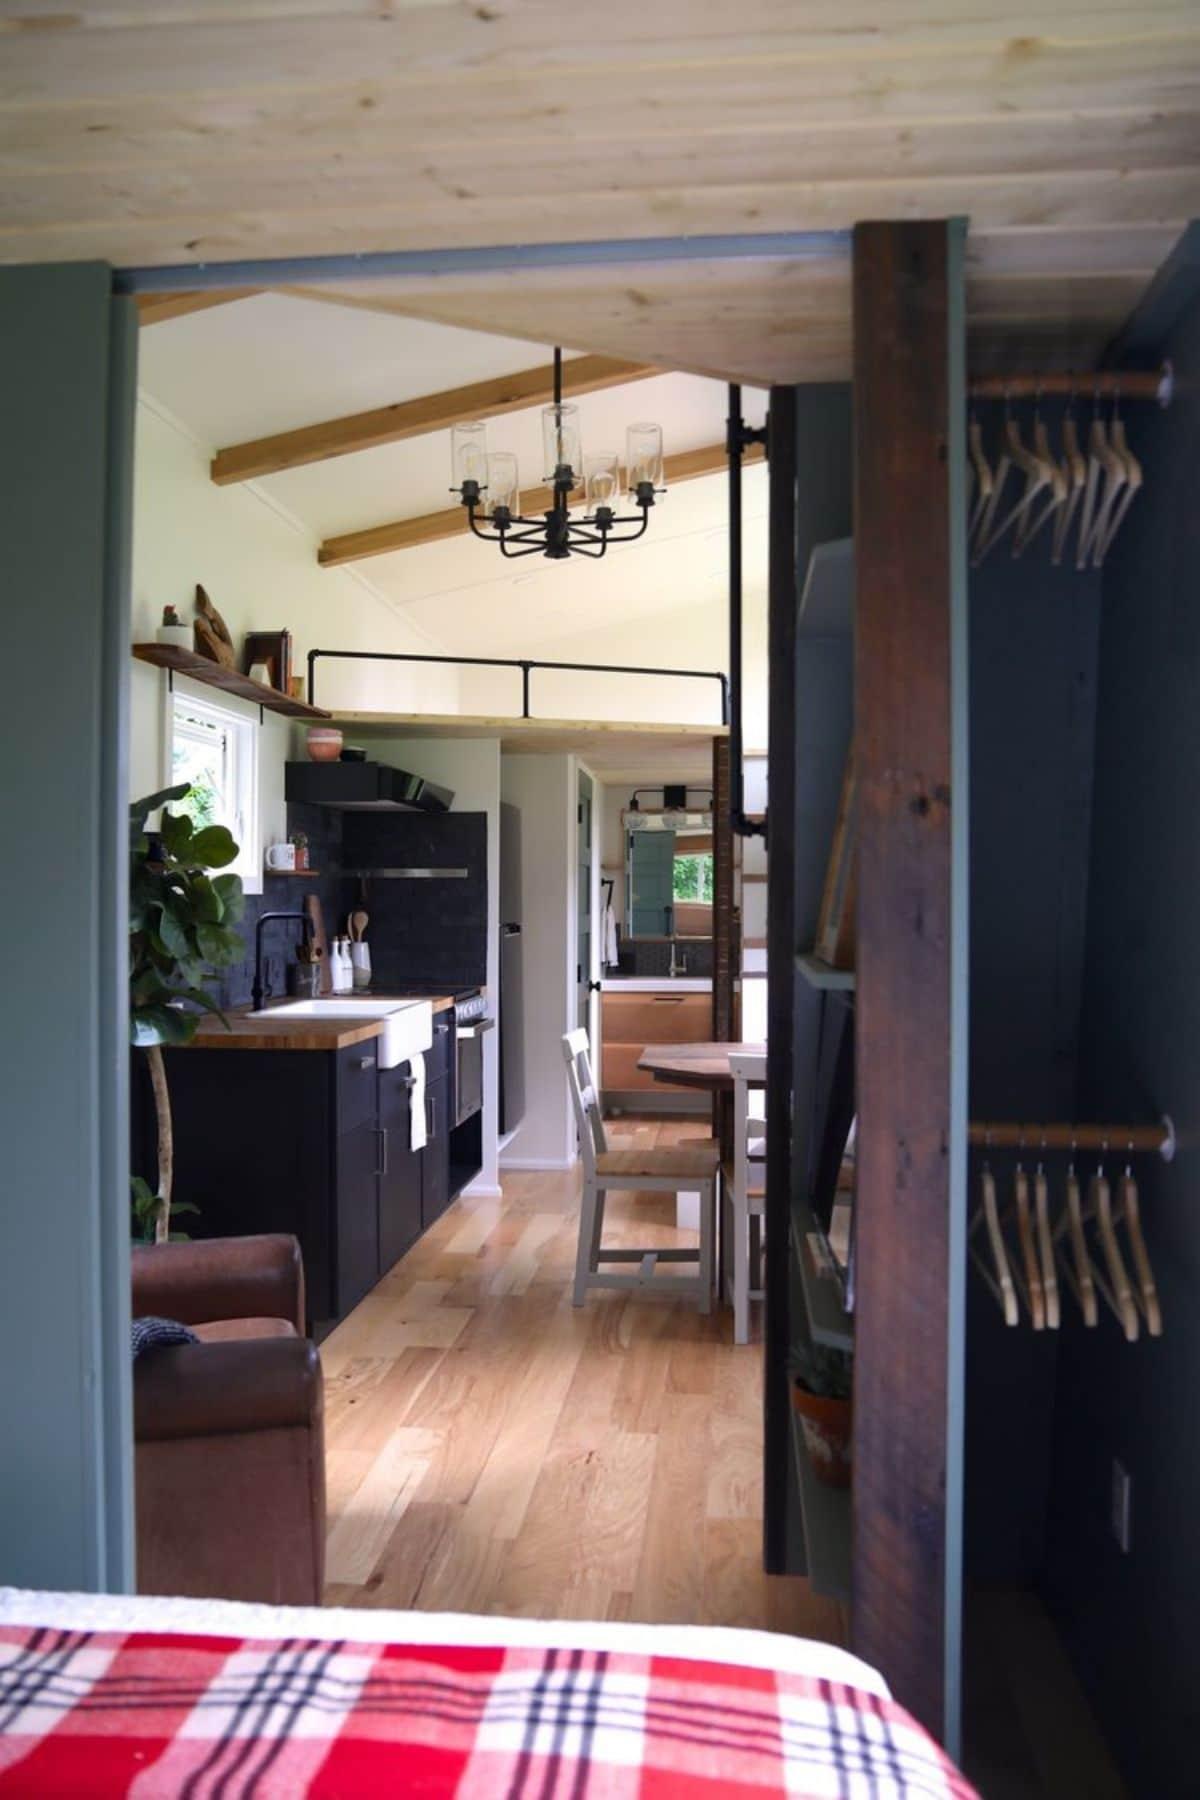 tiny bedroom with open door and closet to right of door